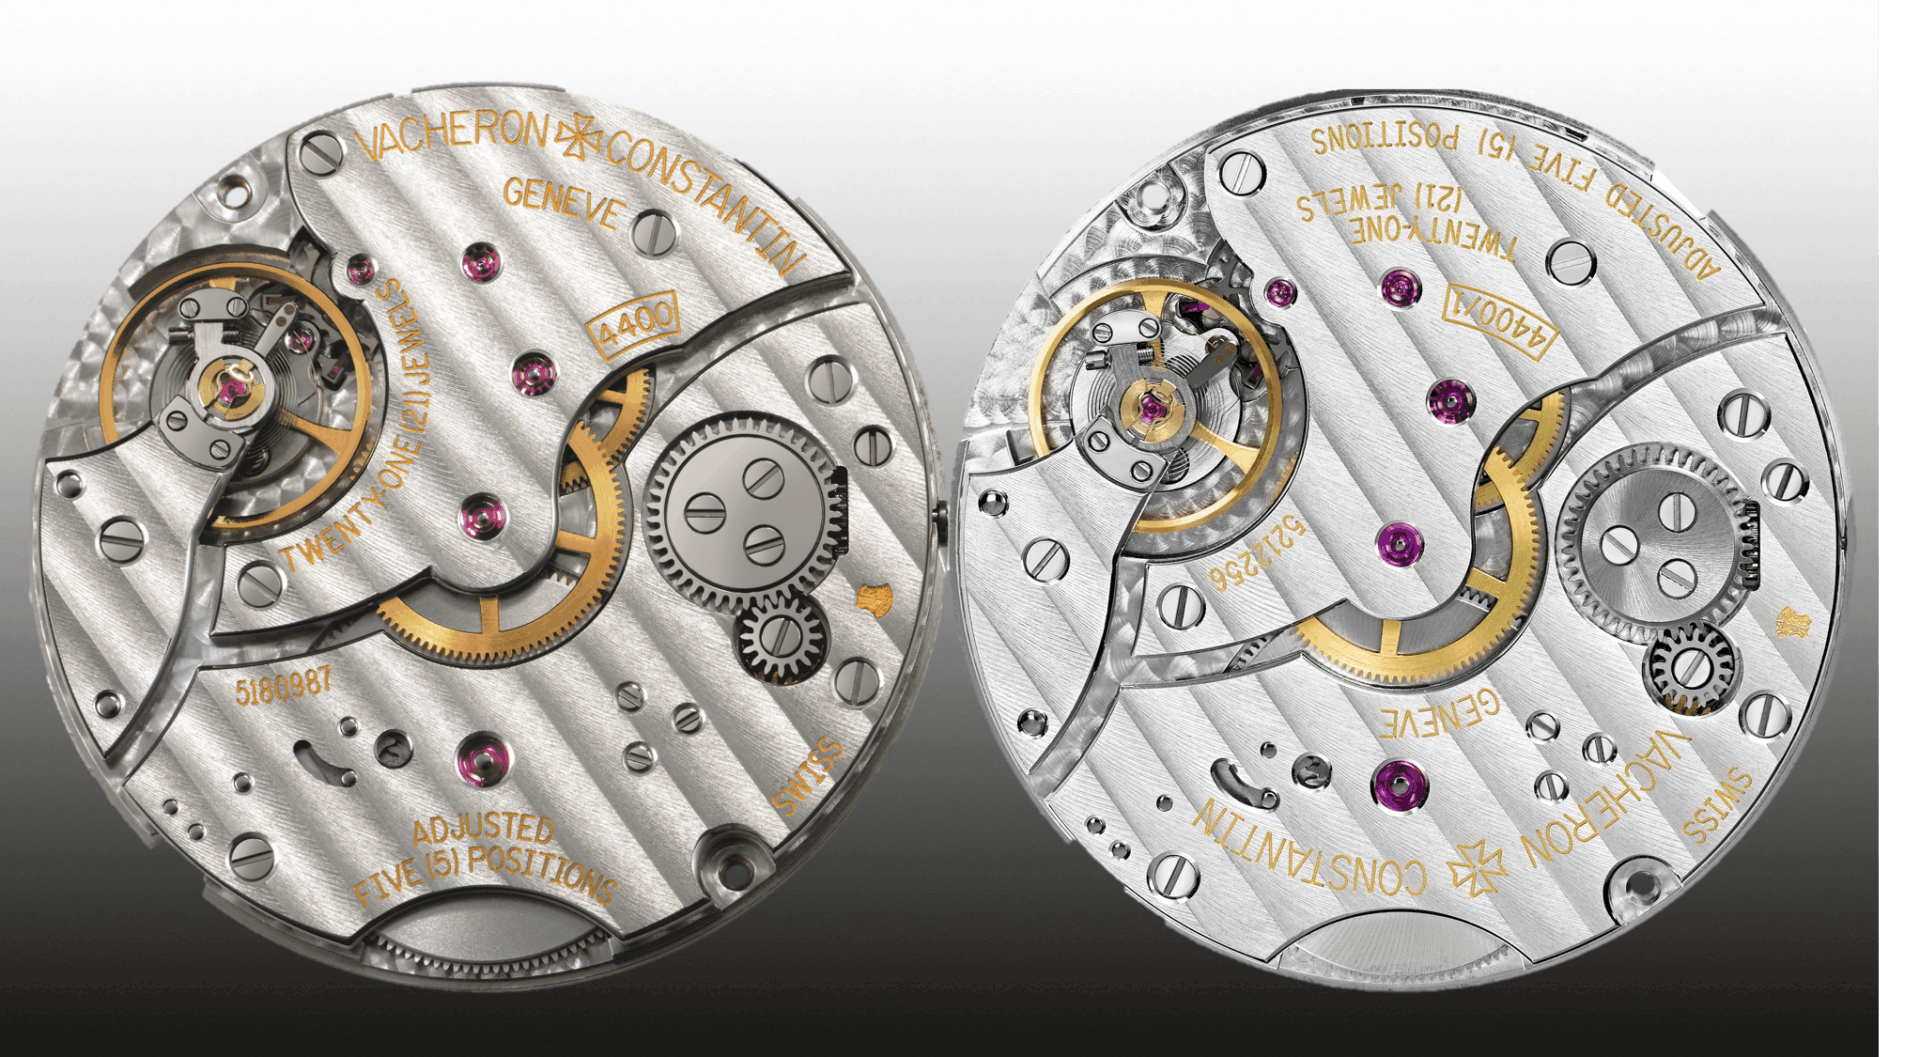 Vacheron Constantin Handaufzugskaliber 4400 (links) und 4400/1